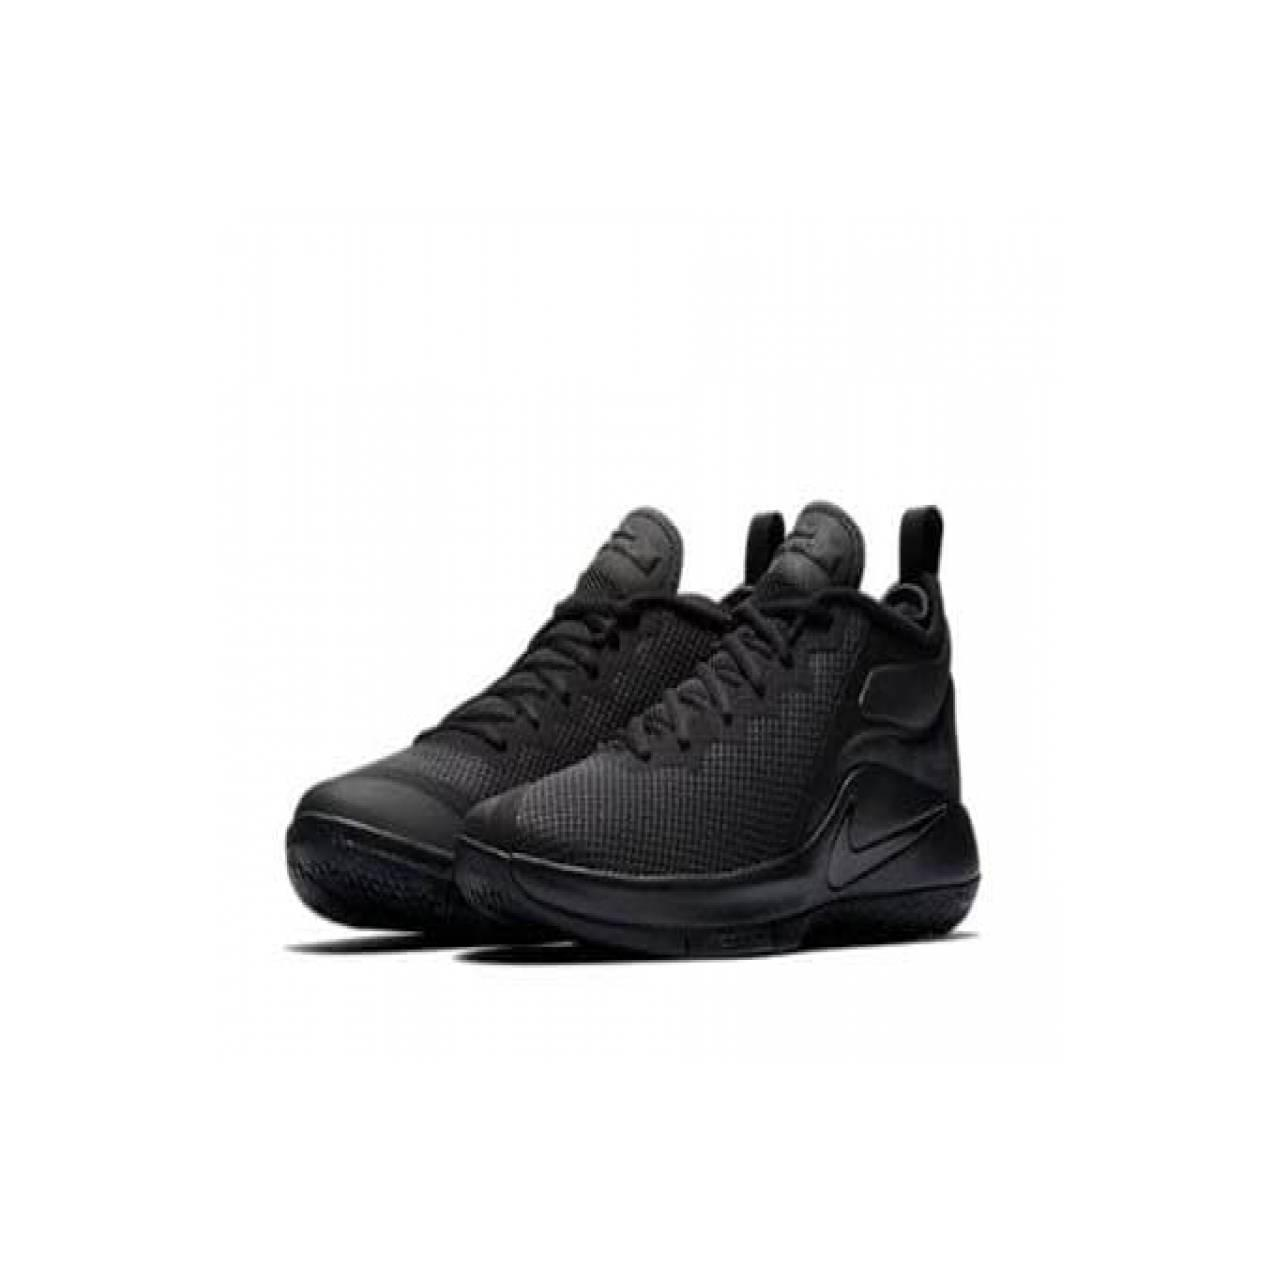 Sepatu Basket NIKE LeBron James Zoom Witness 897648 005 Murah Original